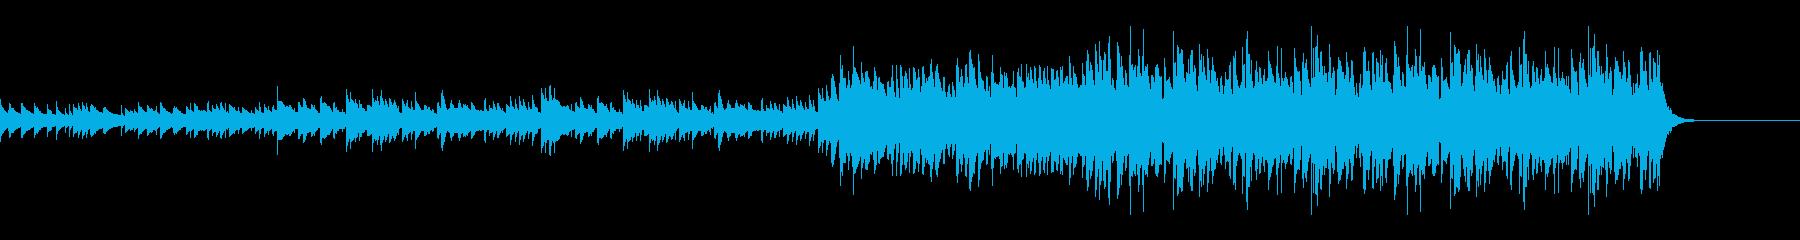 爽やかなアコギと可愛いトロピカルハウスBの再生済みの波形